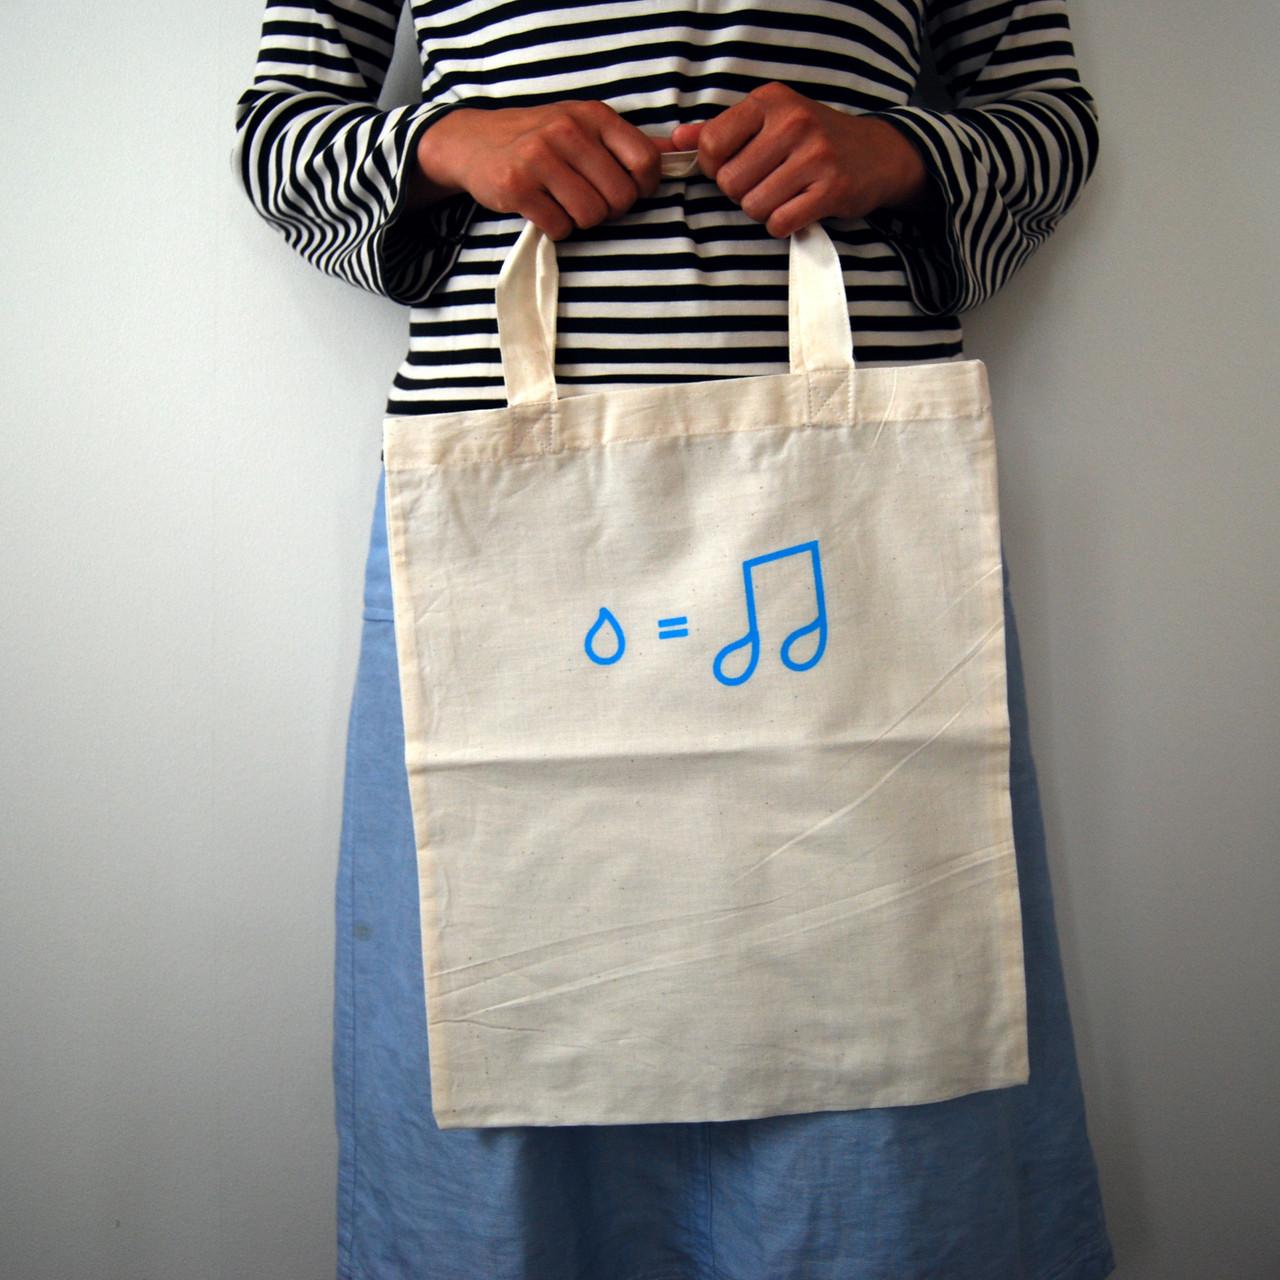 b9a5f289b1d4 Эко сумки оптом от производителя, пошив и нанесение изображений. - Фабрика